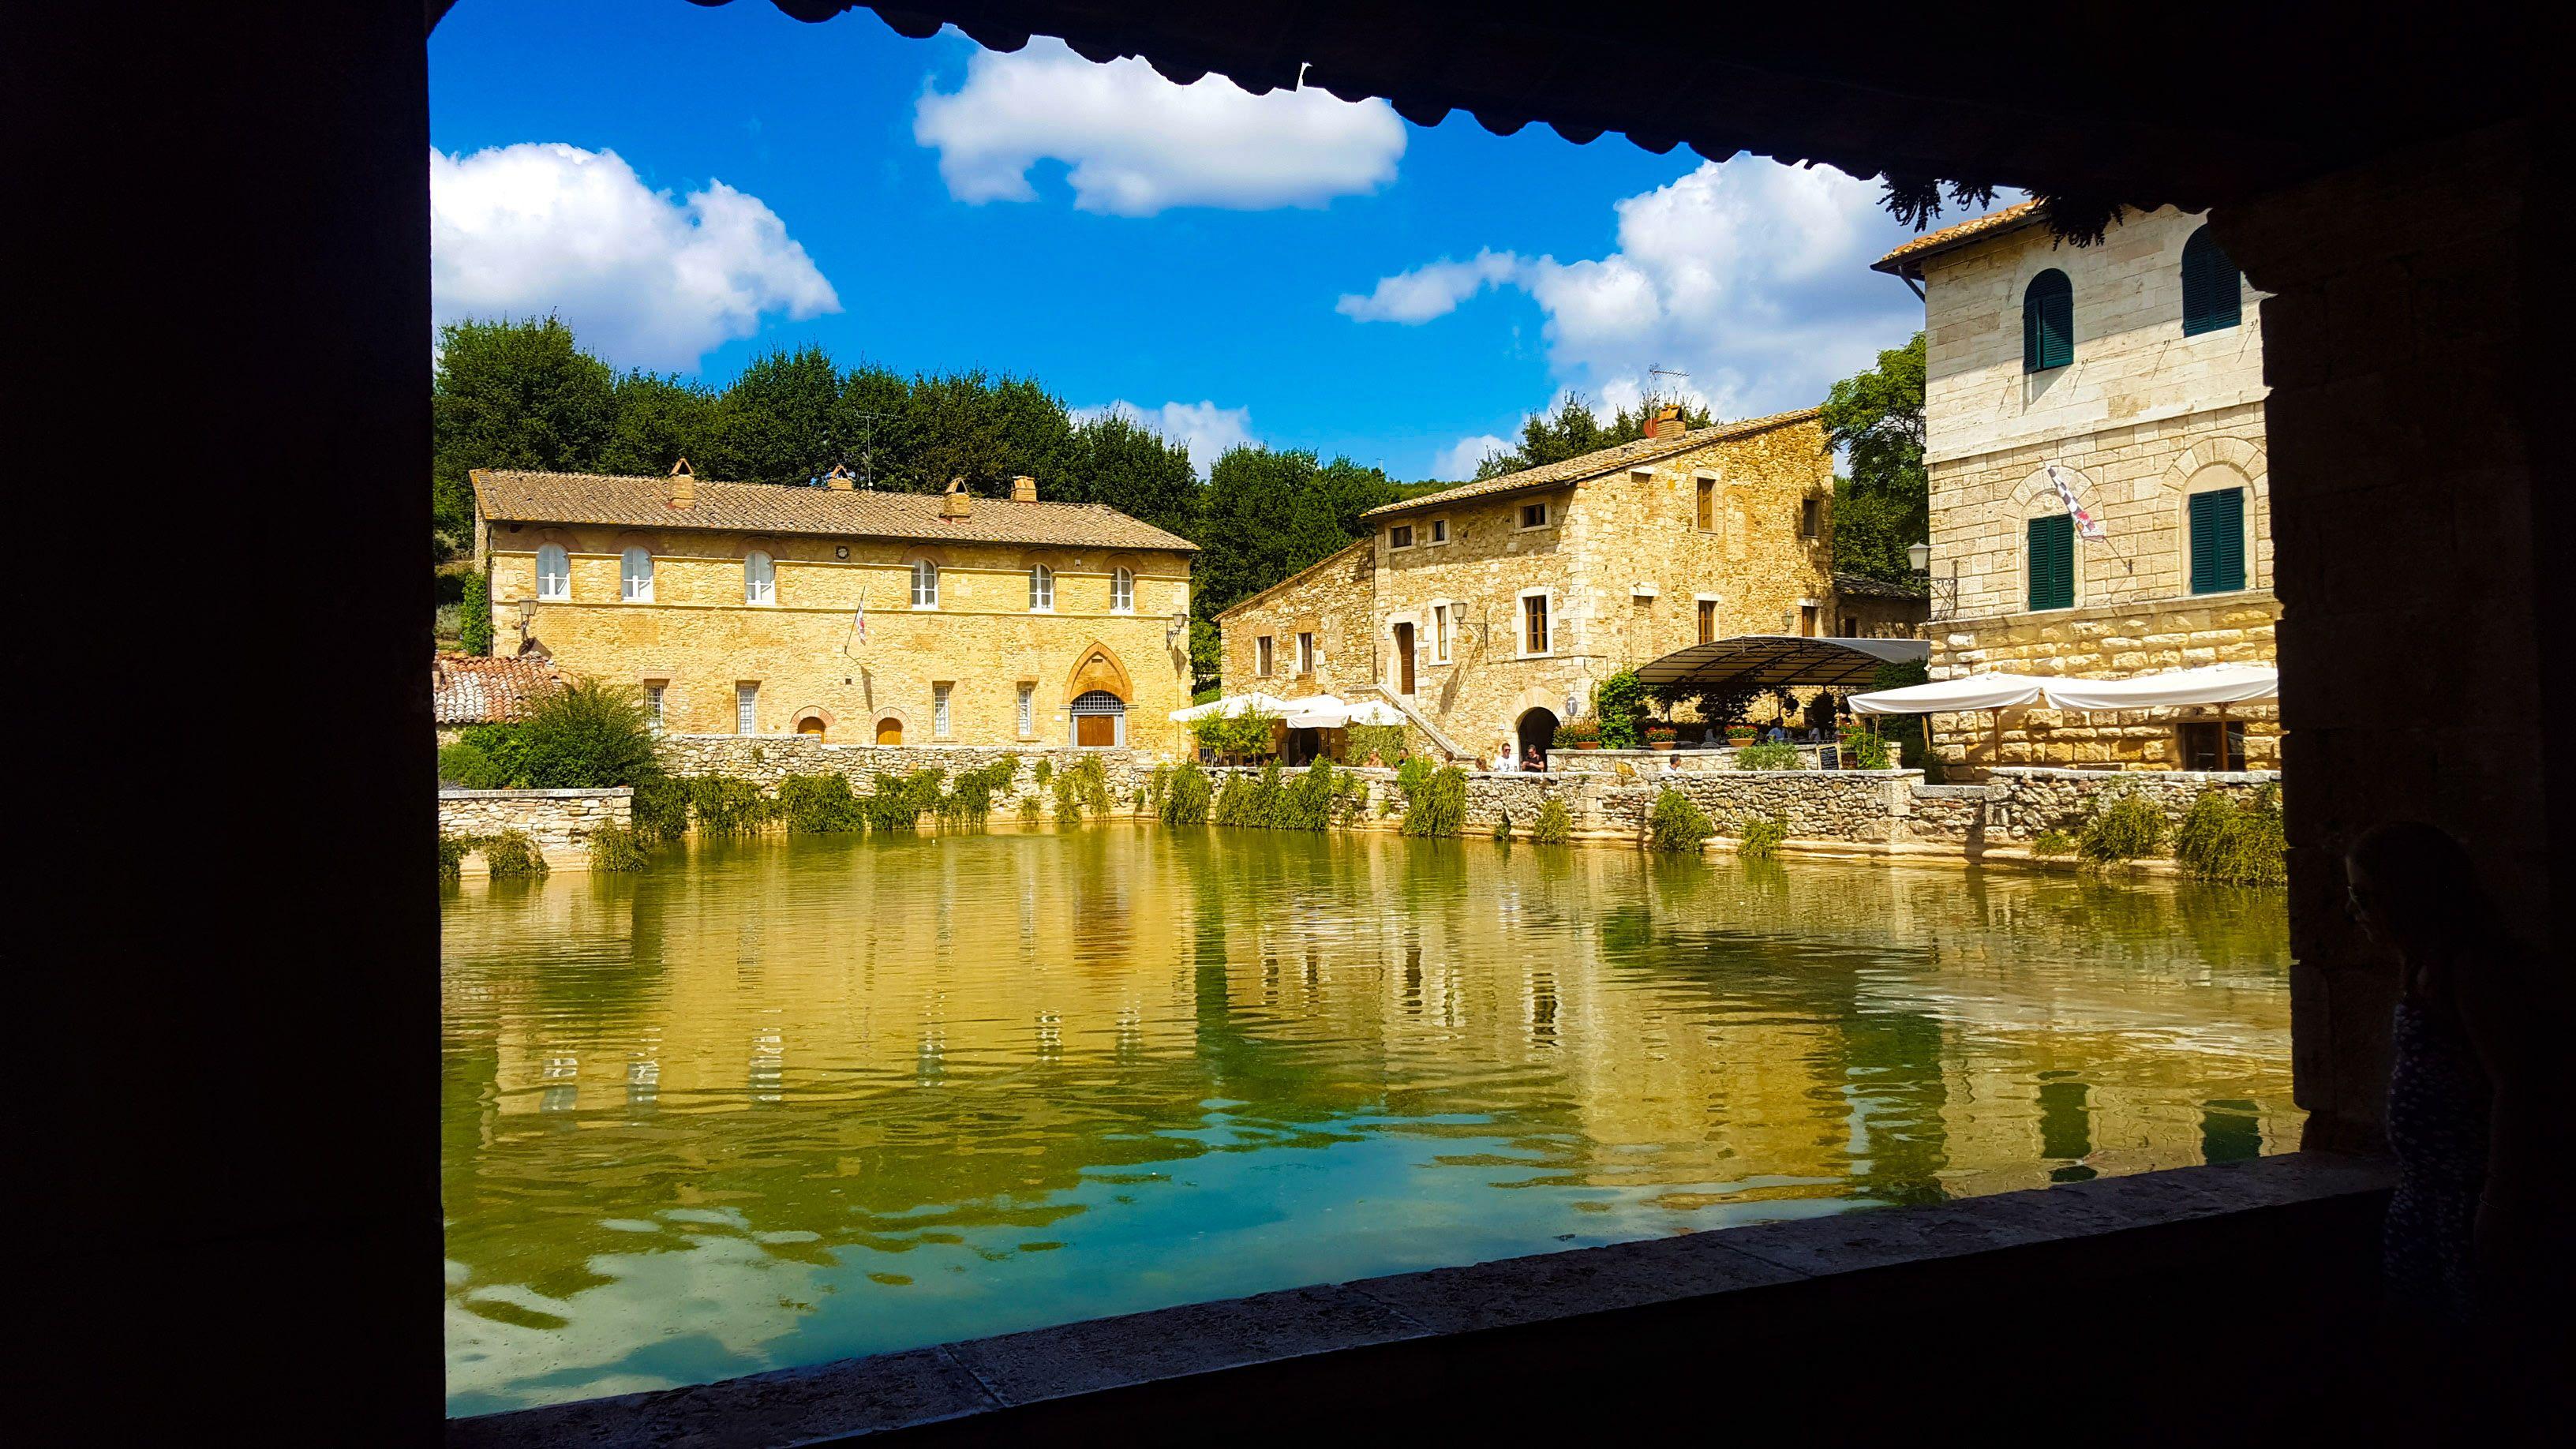 The Gorgeous Tuscan Town Of Bagni Vignoni Italy Travel